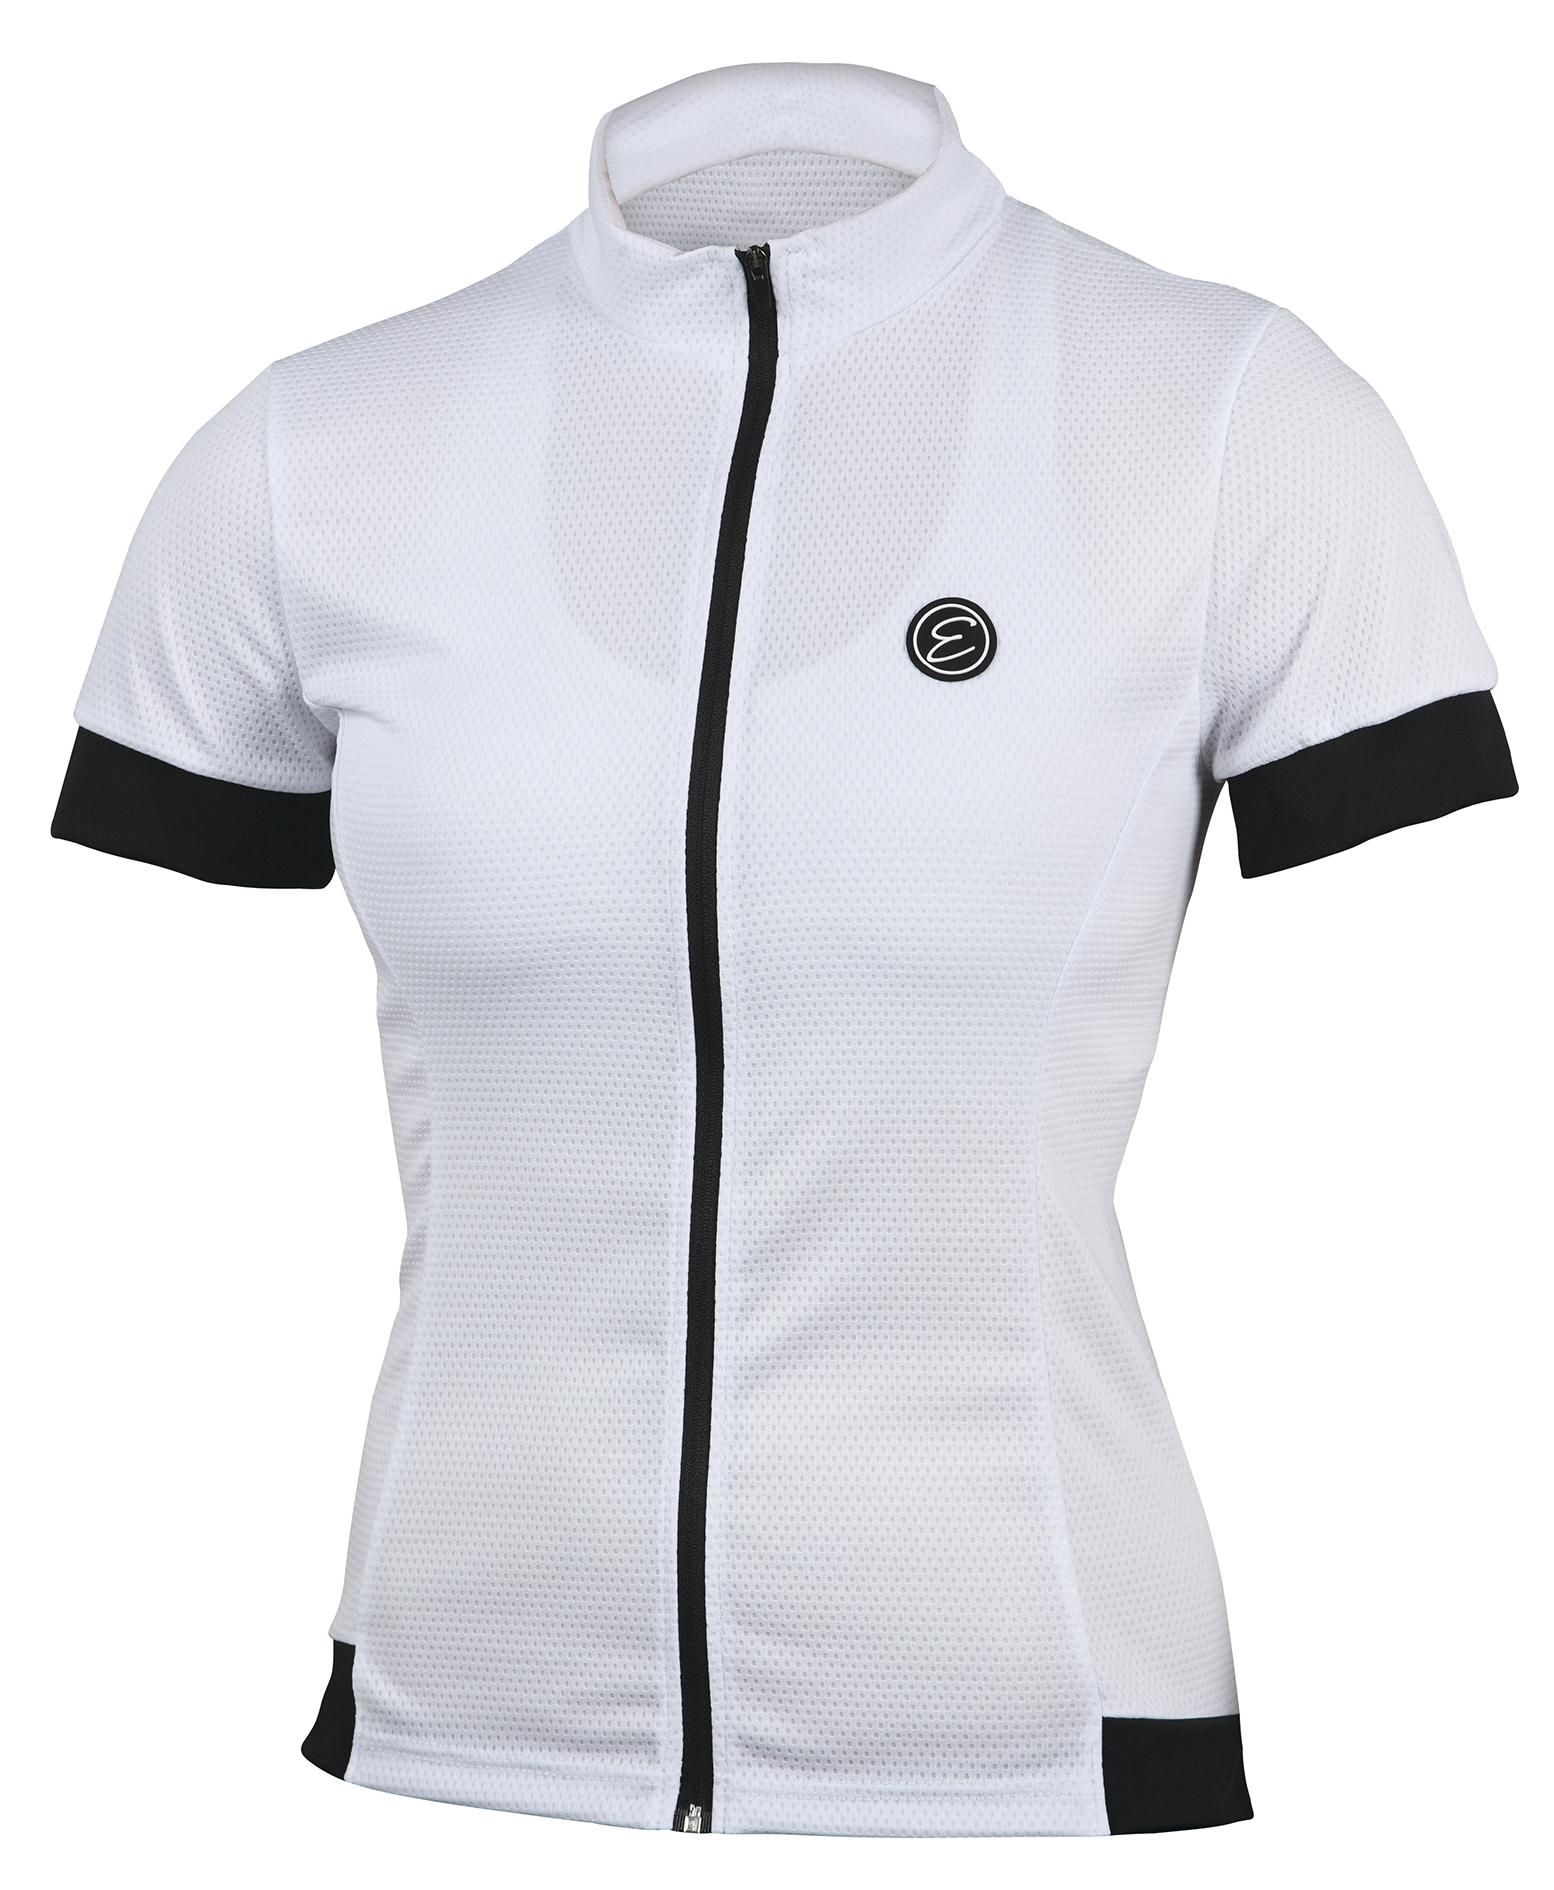 Dámský cyklistický dres ETAPE Donna, vel. L, bílá, model 2017 (Dámský dres Etape, dlouhý přední zip)